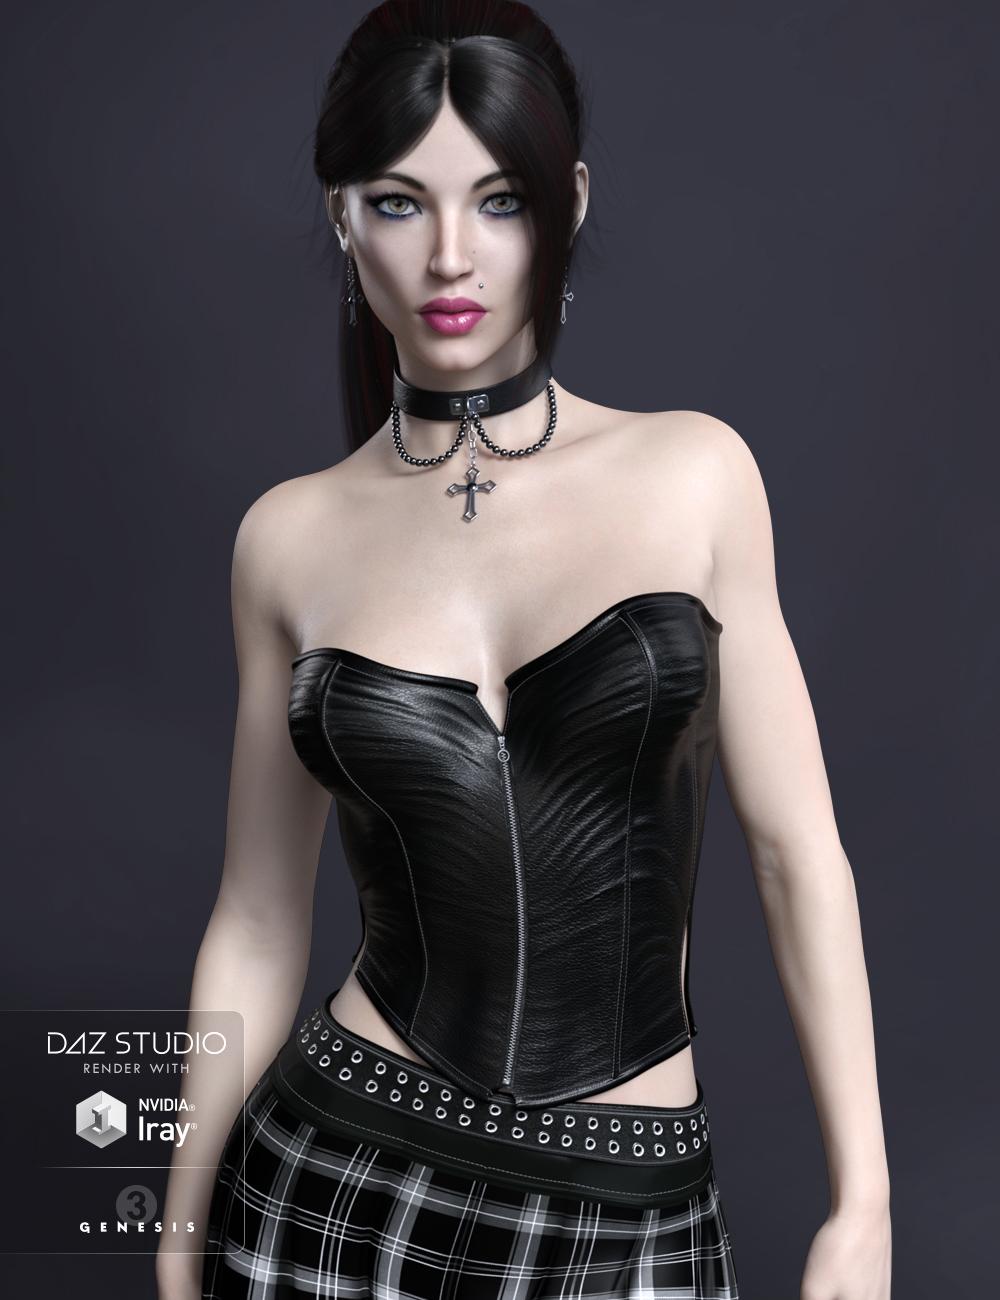 FWSA Chastity HD for Genesis 3 Female by: Fred Winkler ArtSabby, 3D Models by Daz 3D